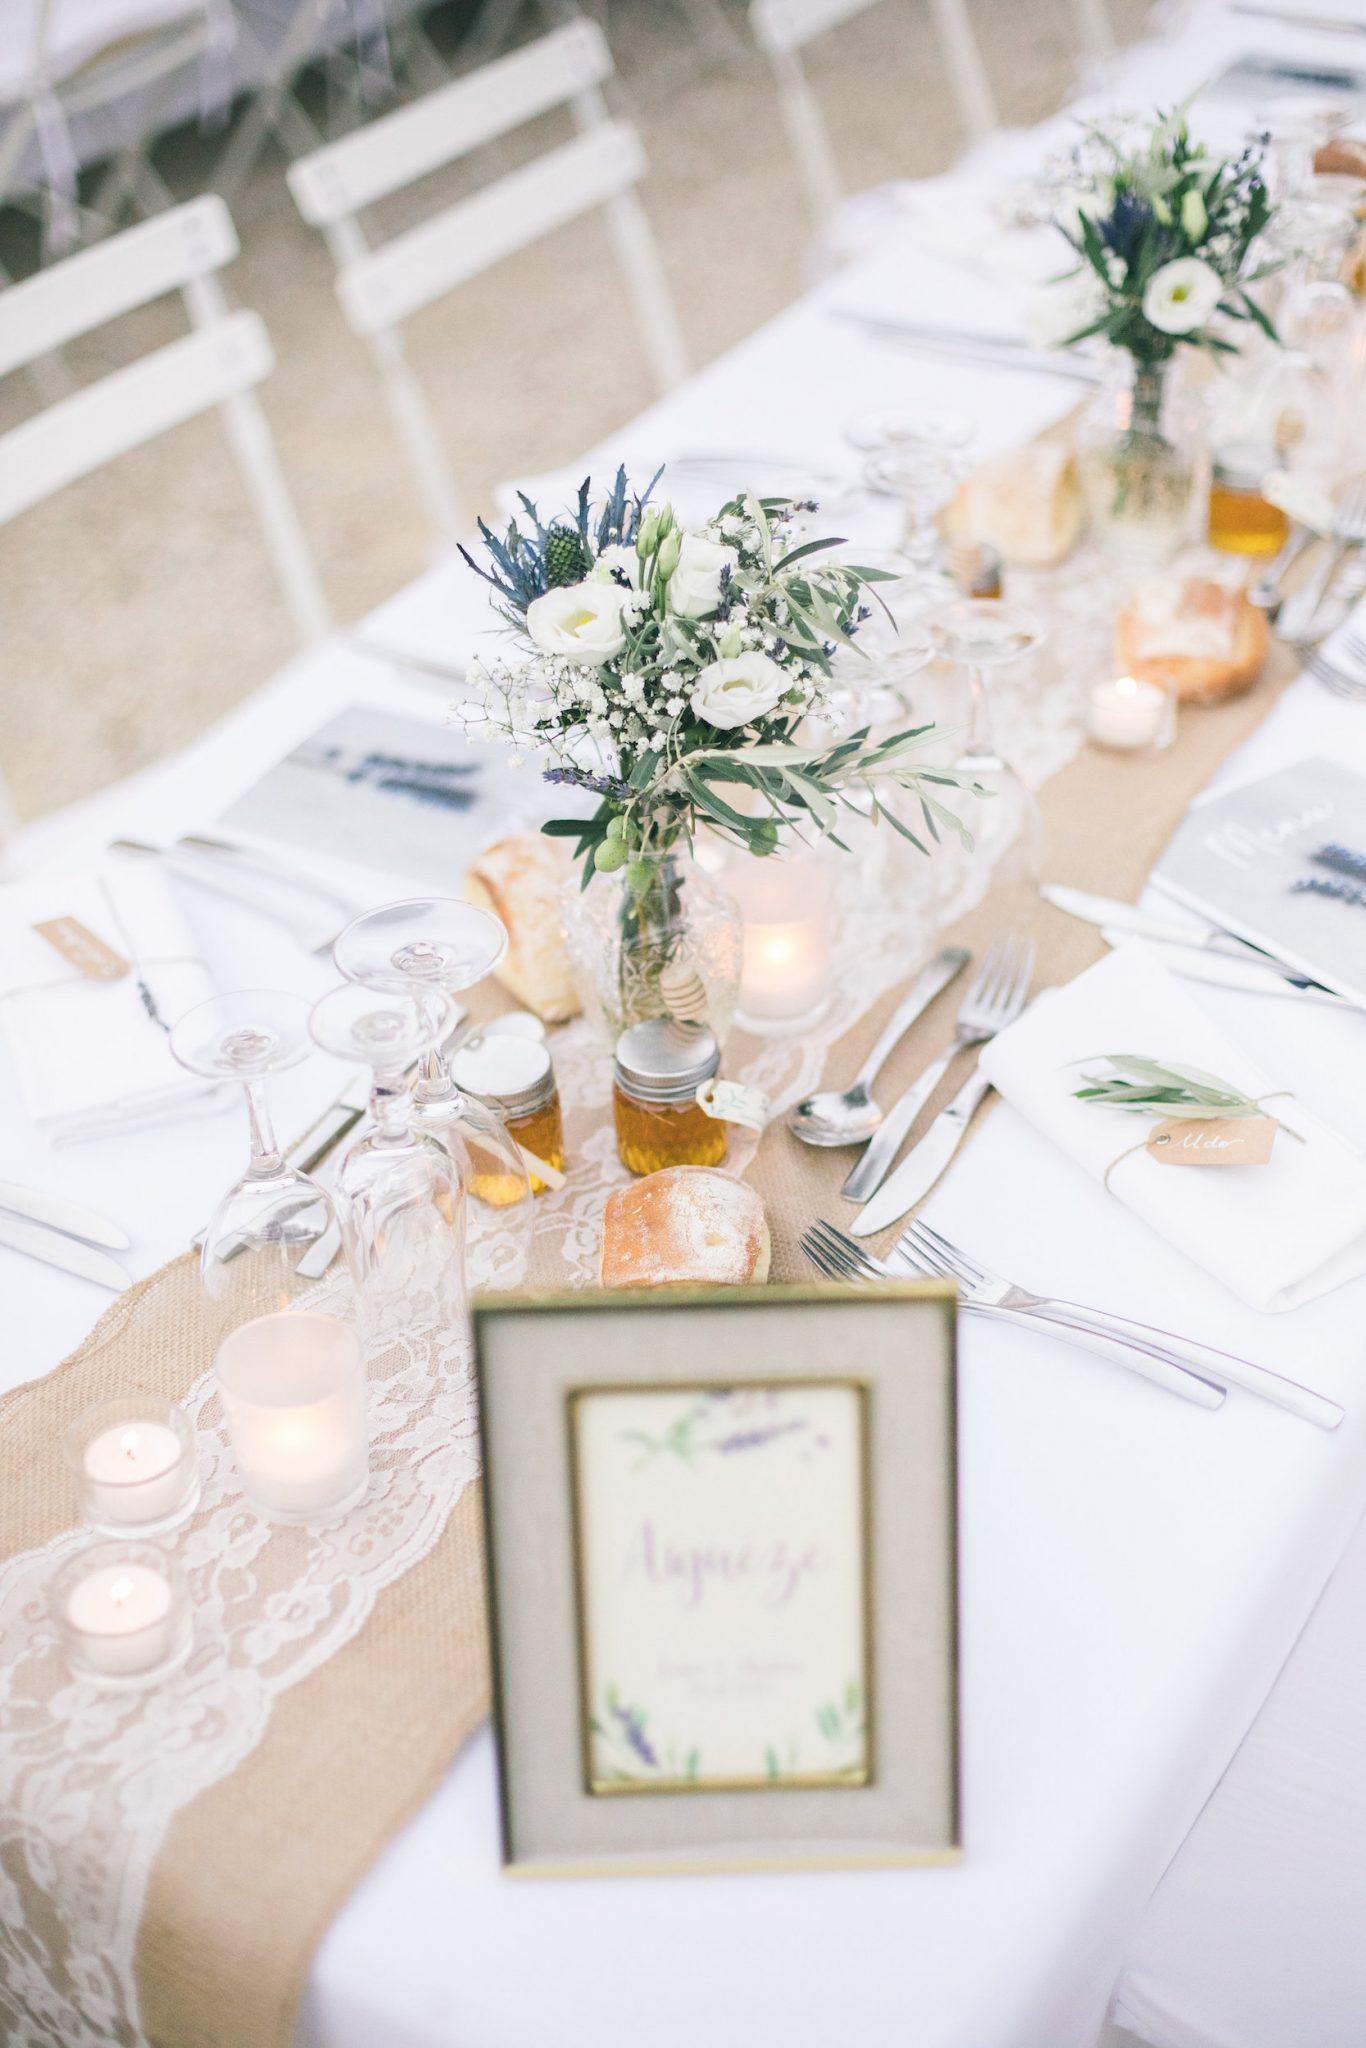 le coeur dans les etoiles – wedding planner – gard – provence – mariage provence – L&C – sebastien cabanes – deco table fleurs